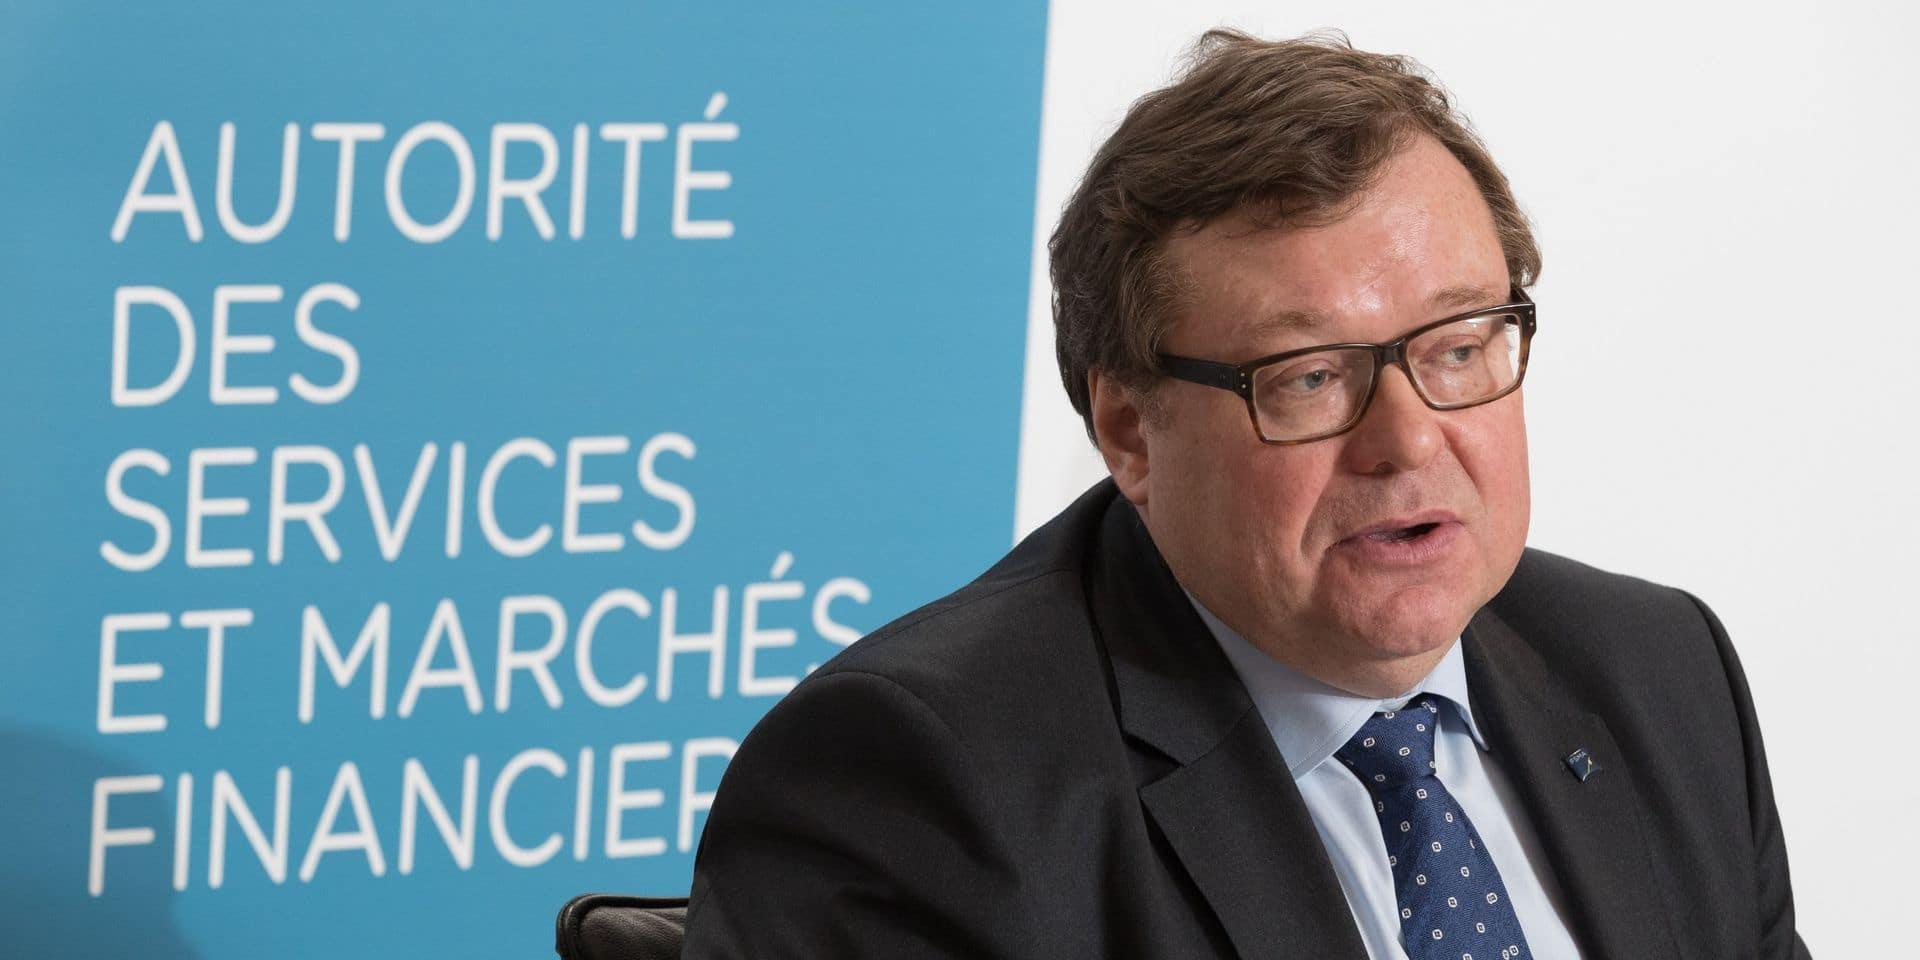 Jean-Paul Servais, président de la FSMA